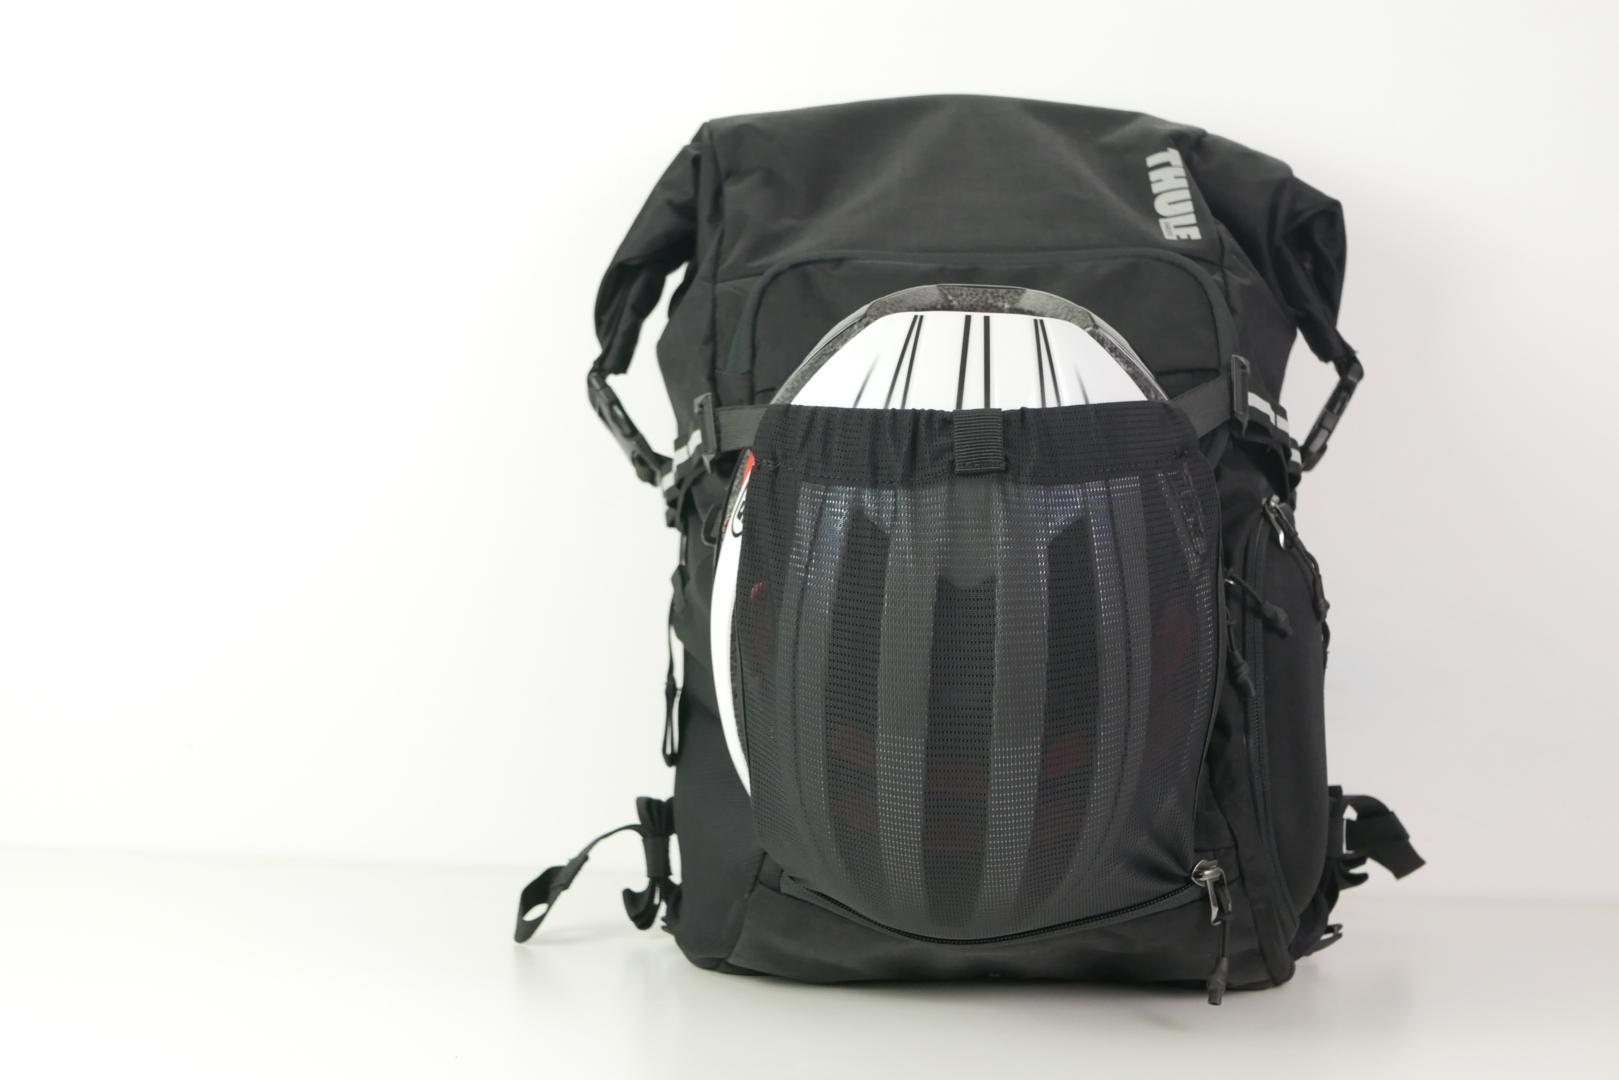 Plecak Thule Commuter – do szkoły lub biura w każdą pogodę